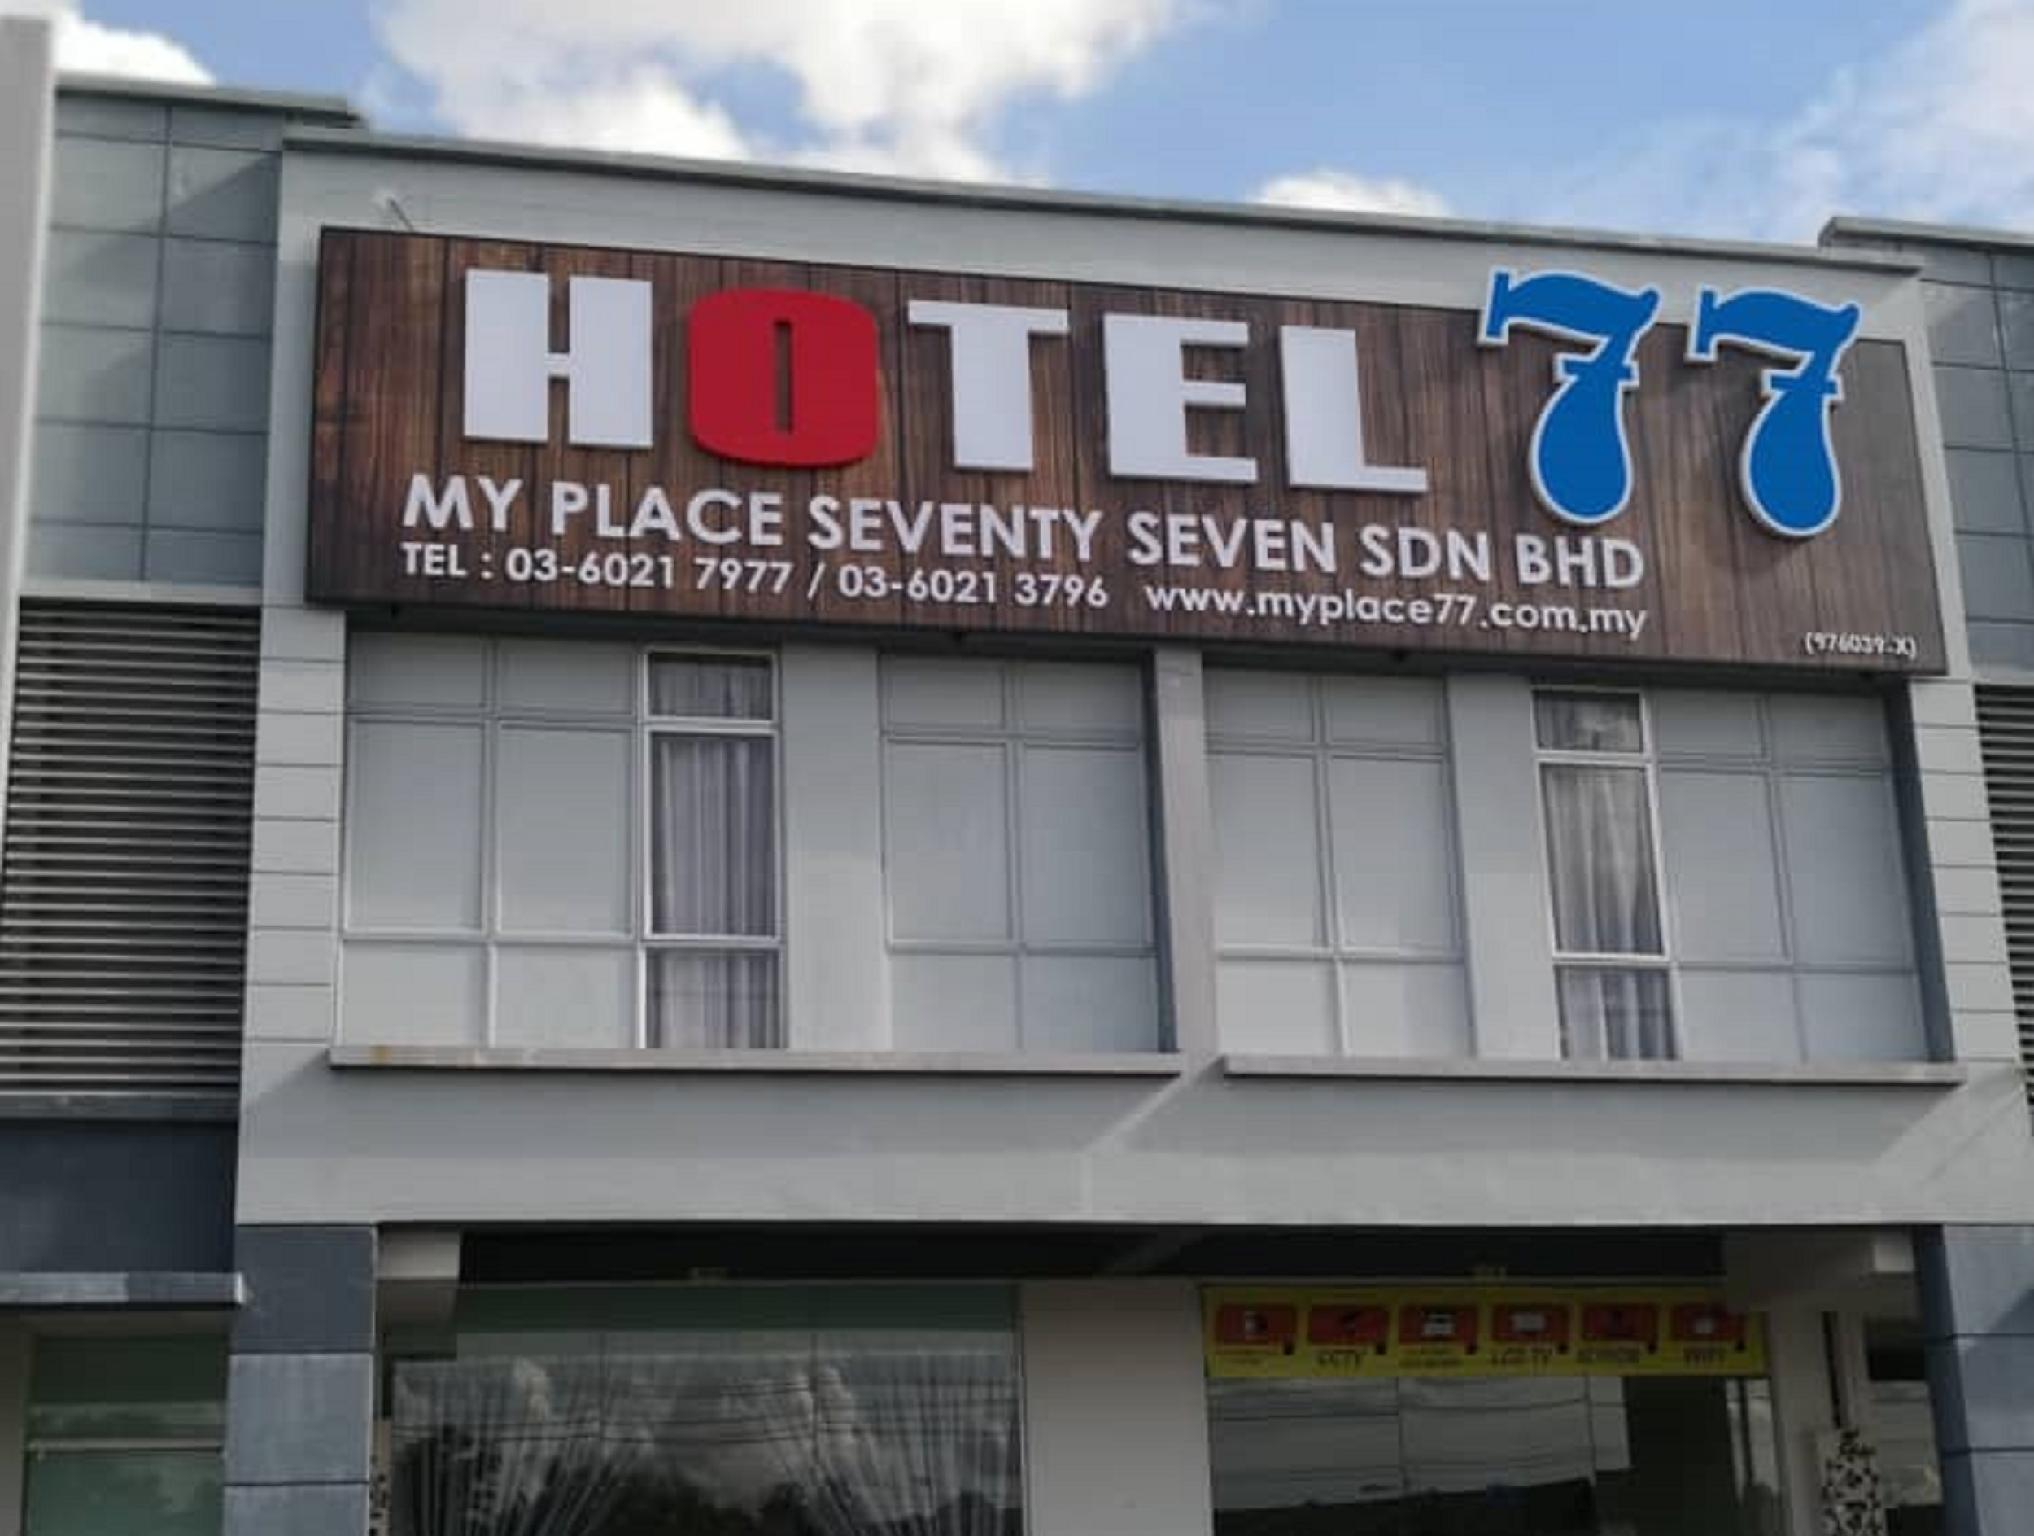 Hotel 77 Rawang, Hulu Selangor